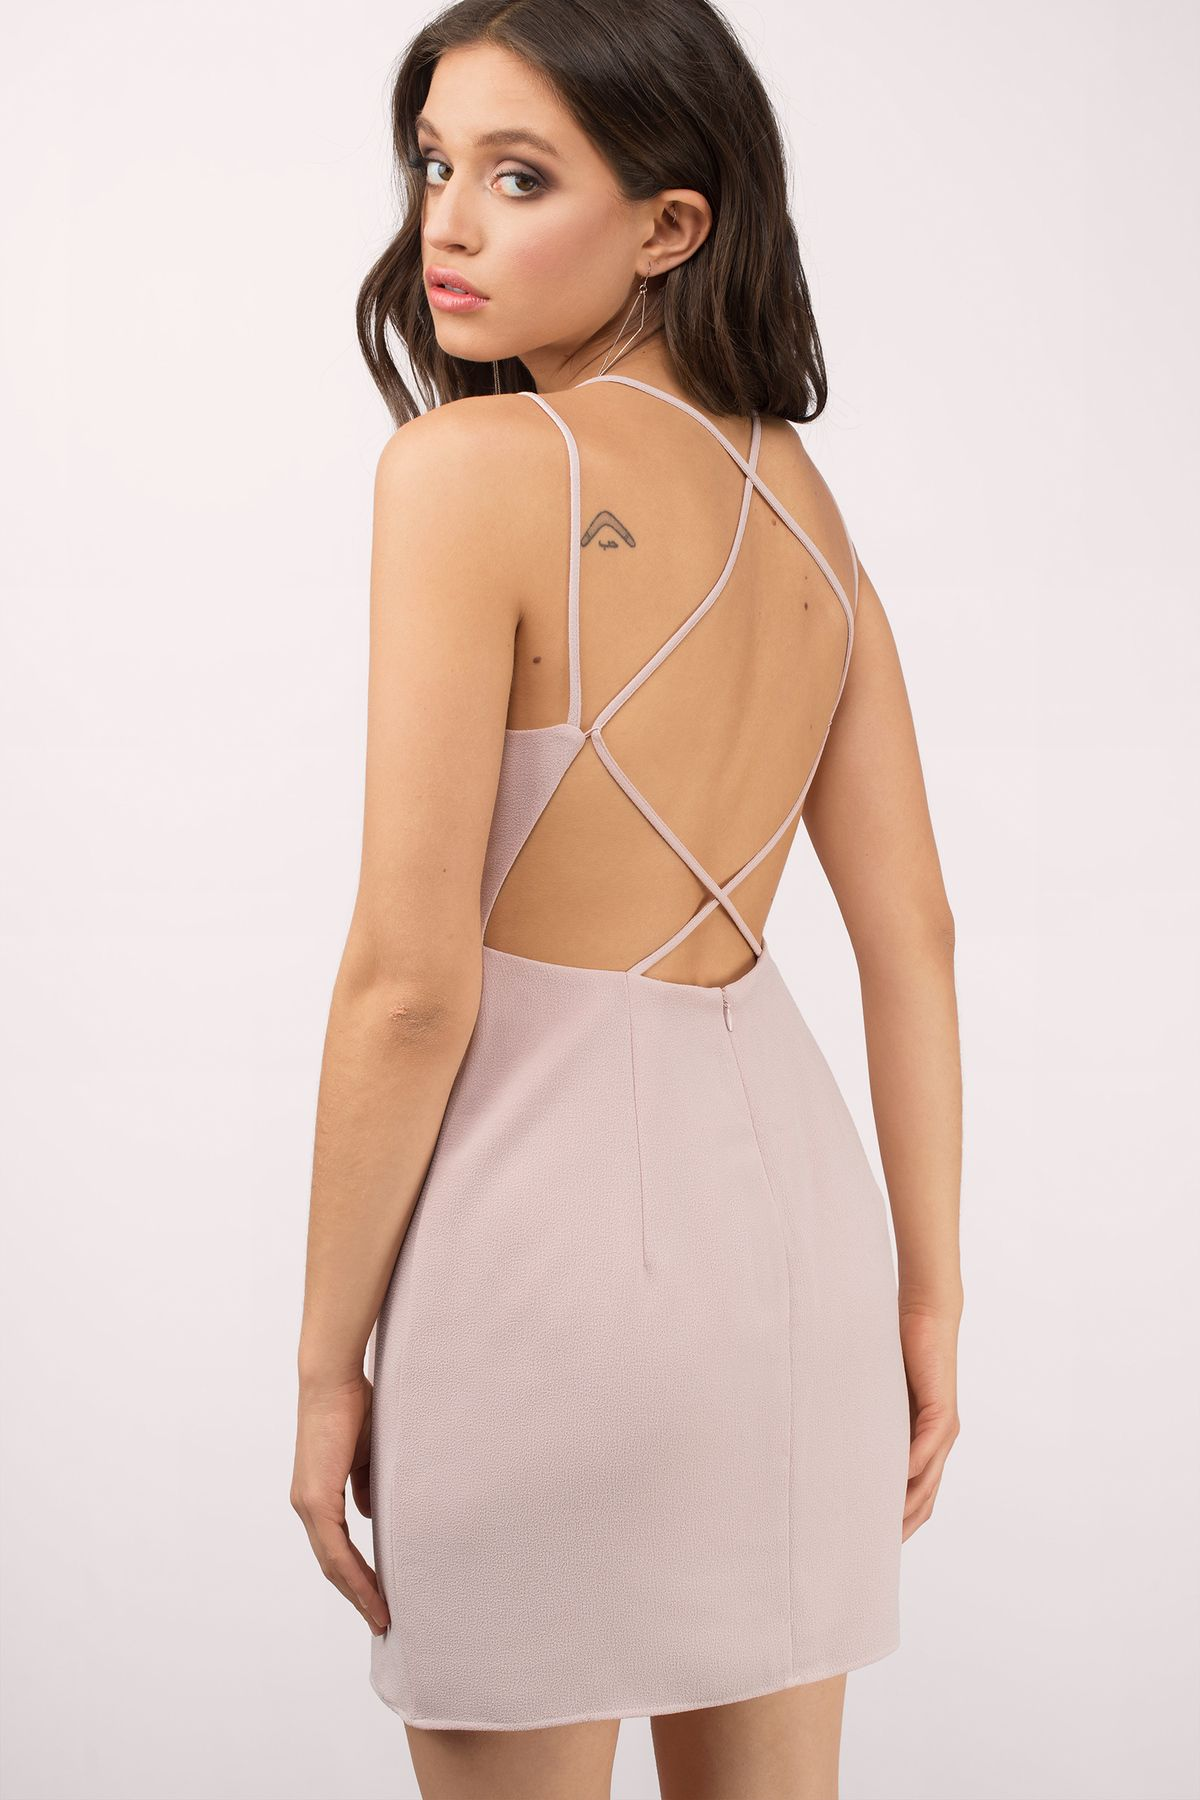 9a43ecf94a Be Your Lady Bodycon Dress at Tobi.com  shoptobi